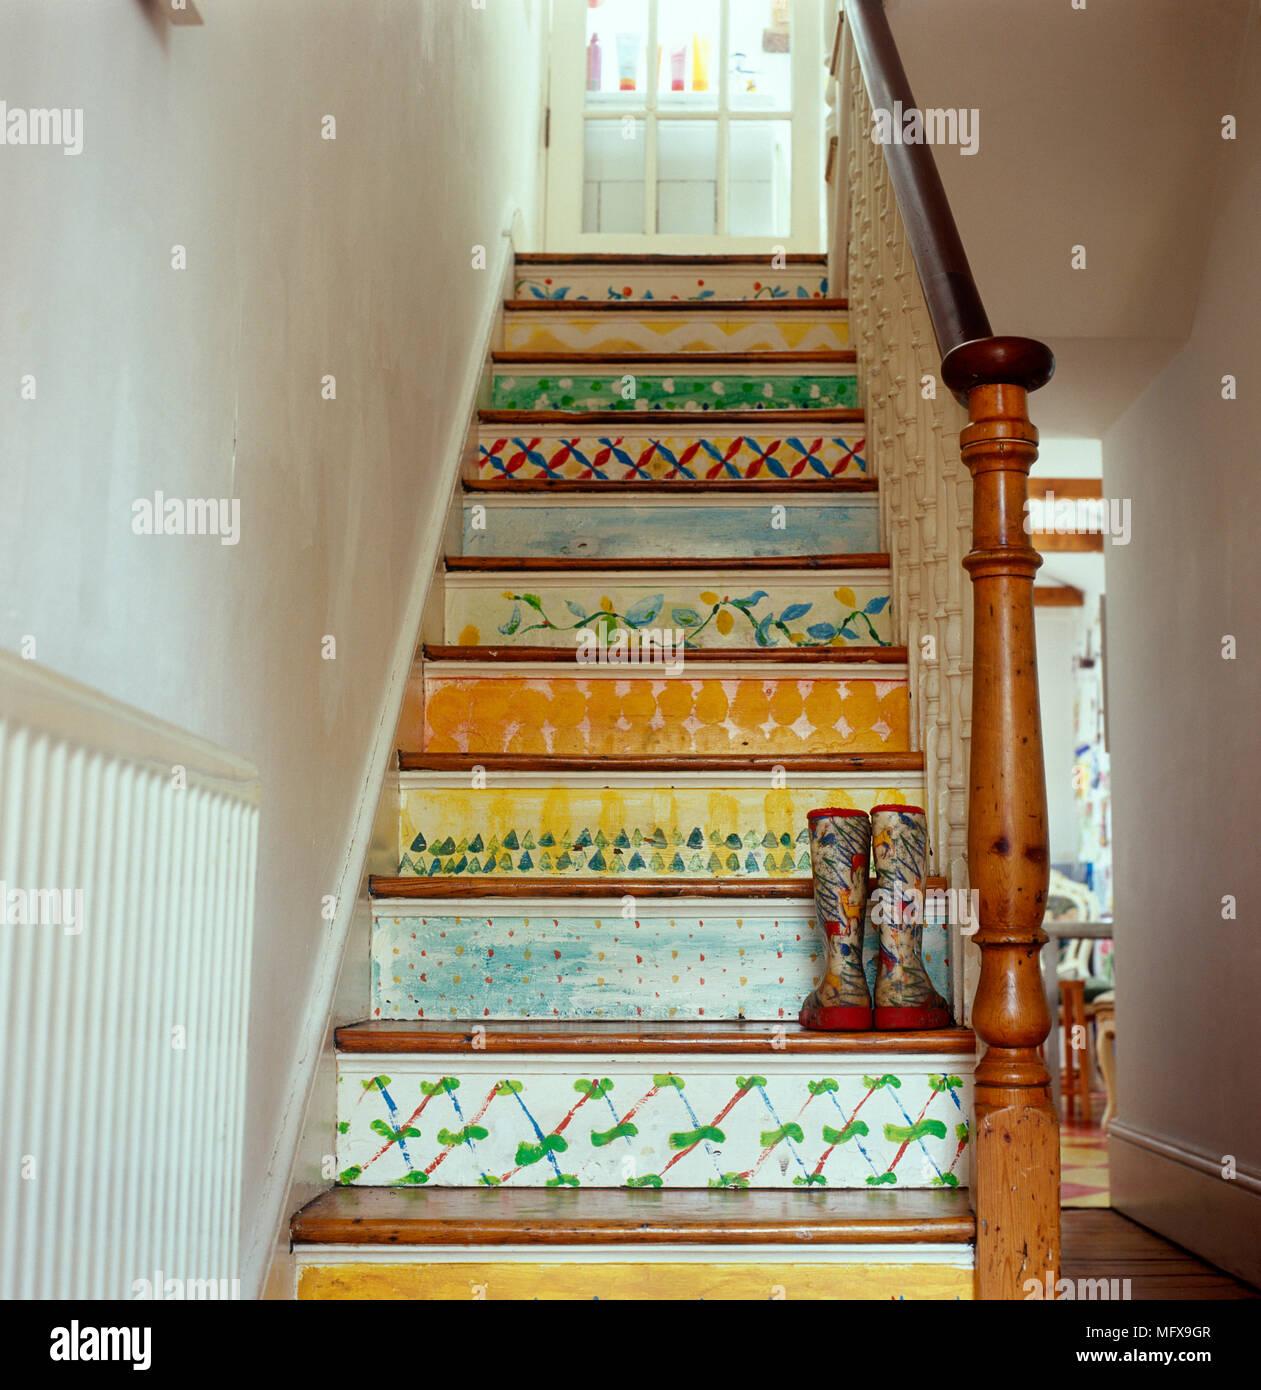 Escalier Avec Contremarches Peints De Couleurs Vives Banque